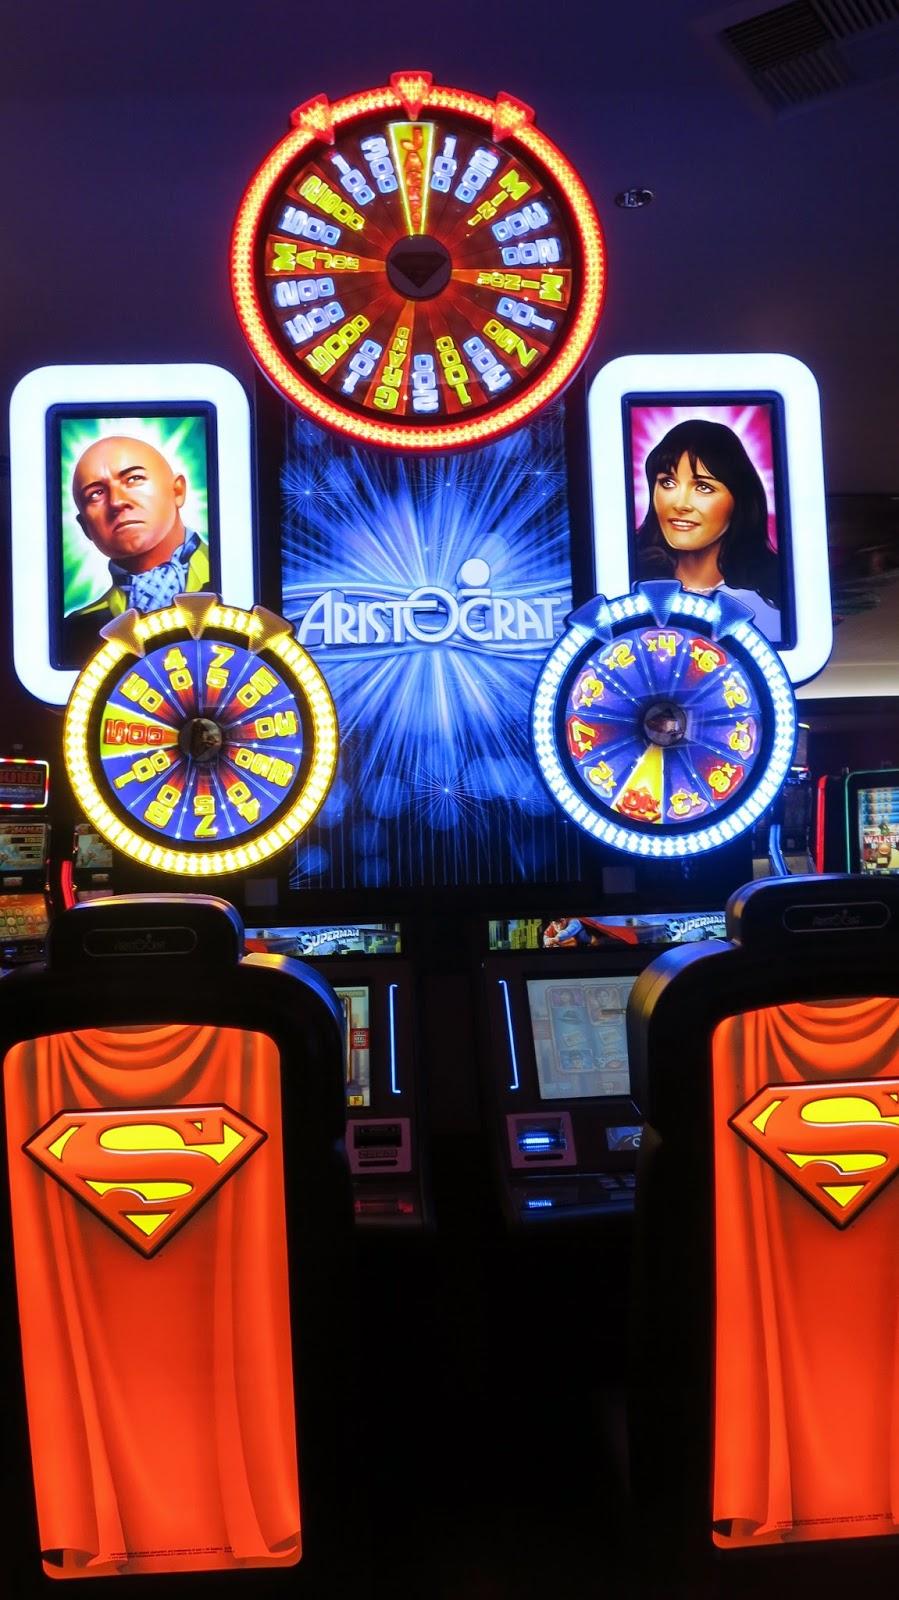 Aristocrat Las Vegas